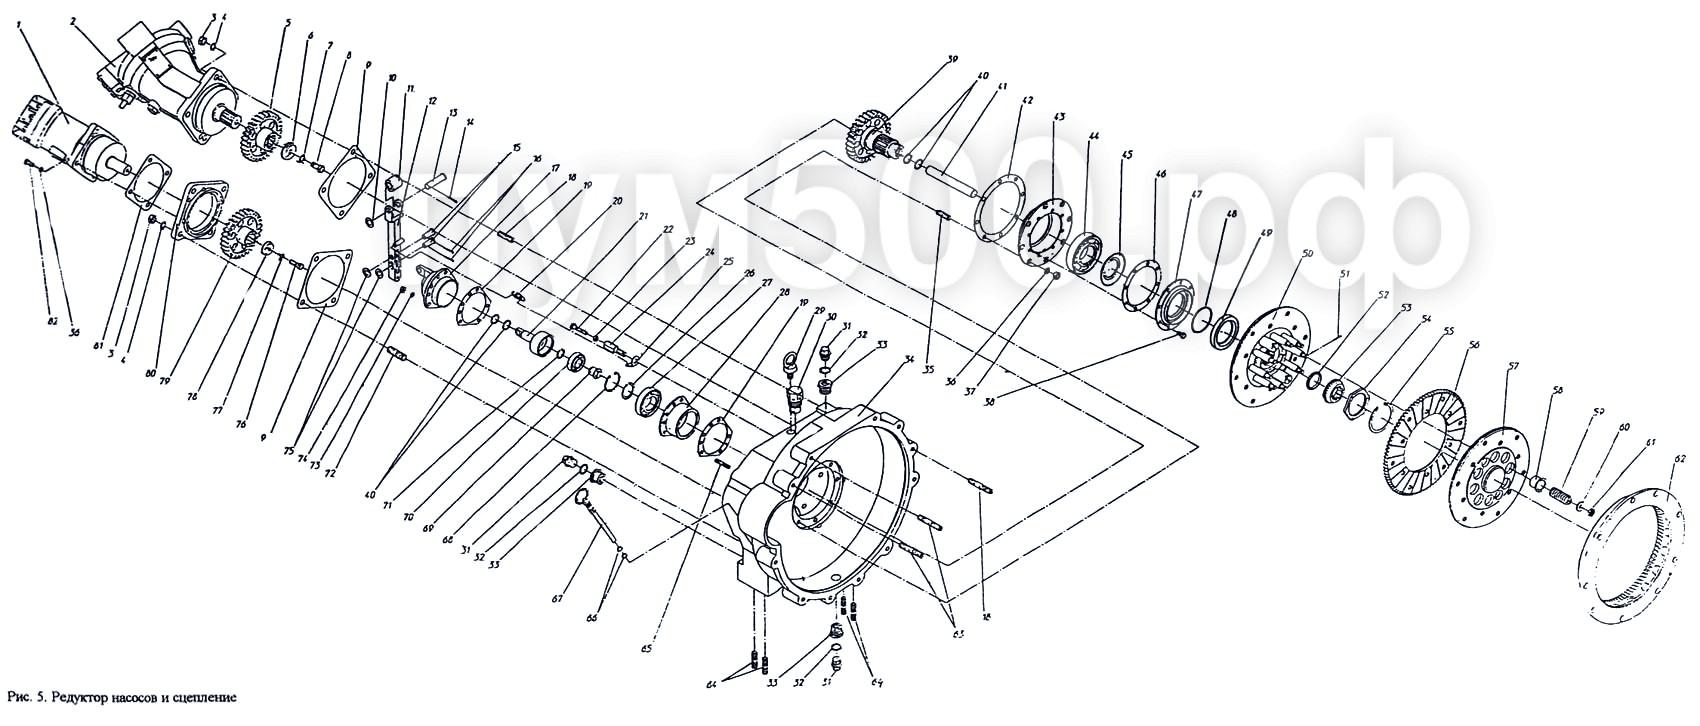 ПУМ-500 - Редуктор насосов и сцепление ПУМ-500.01.05-1сб